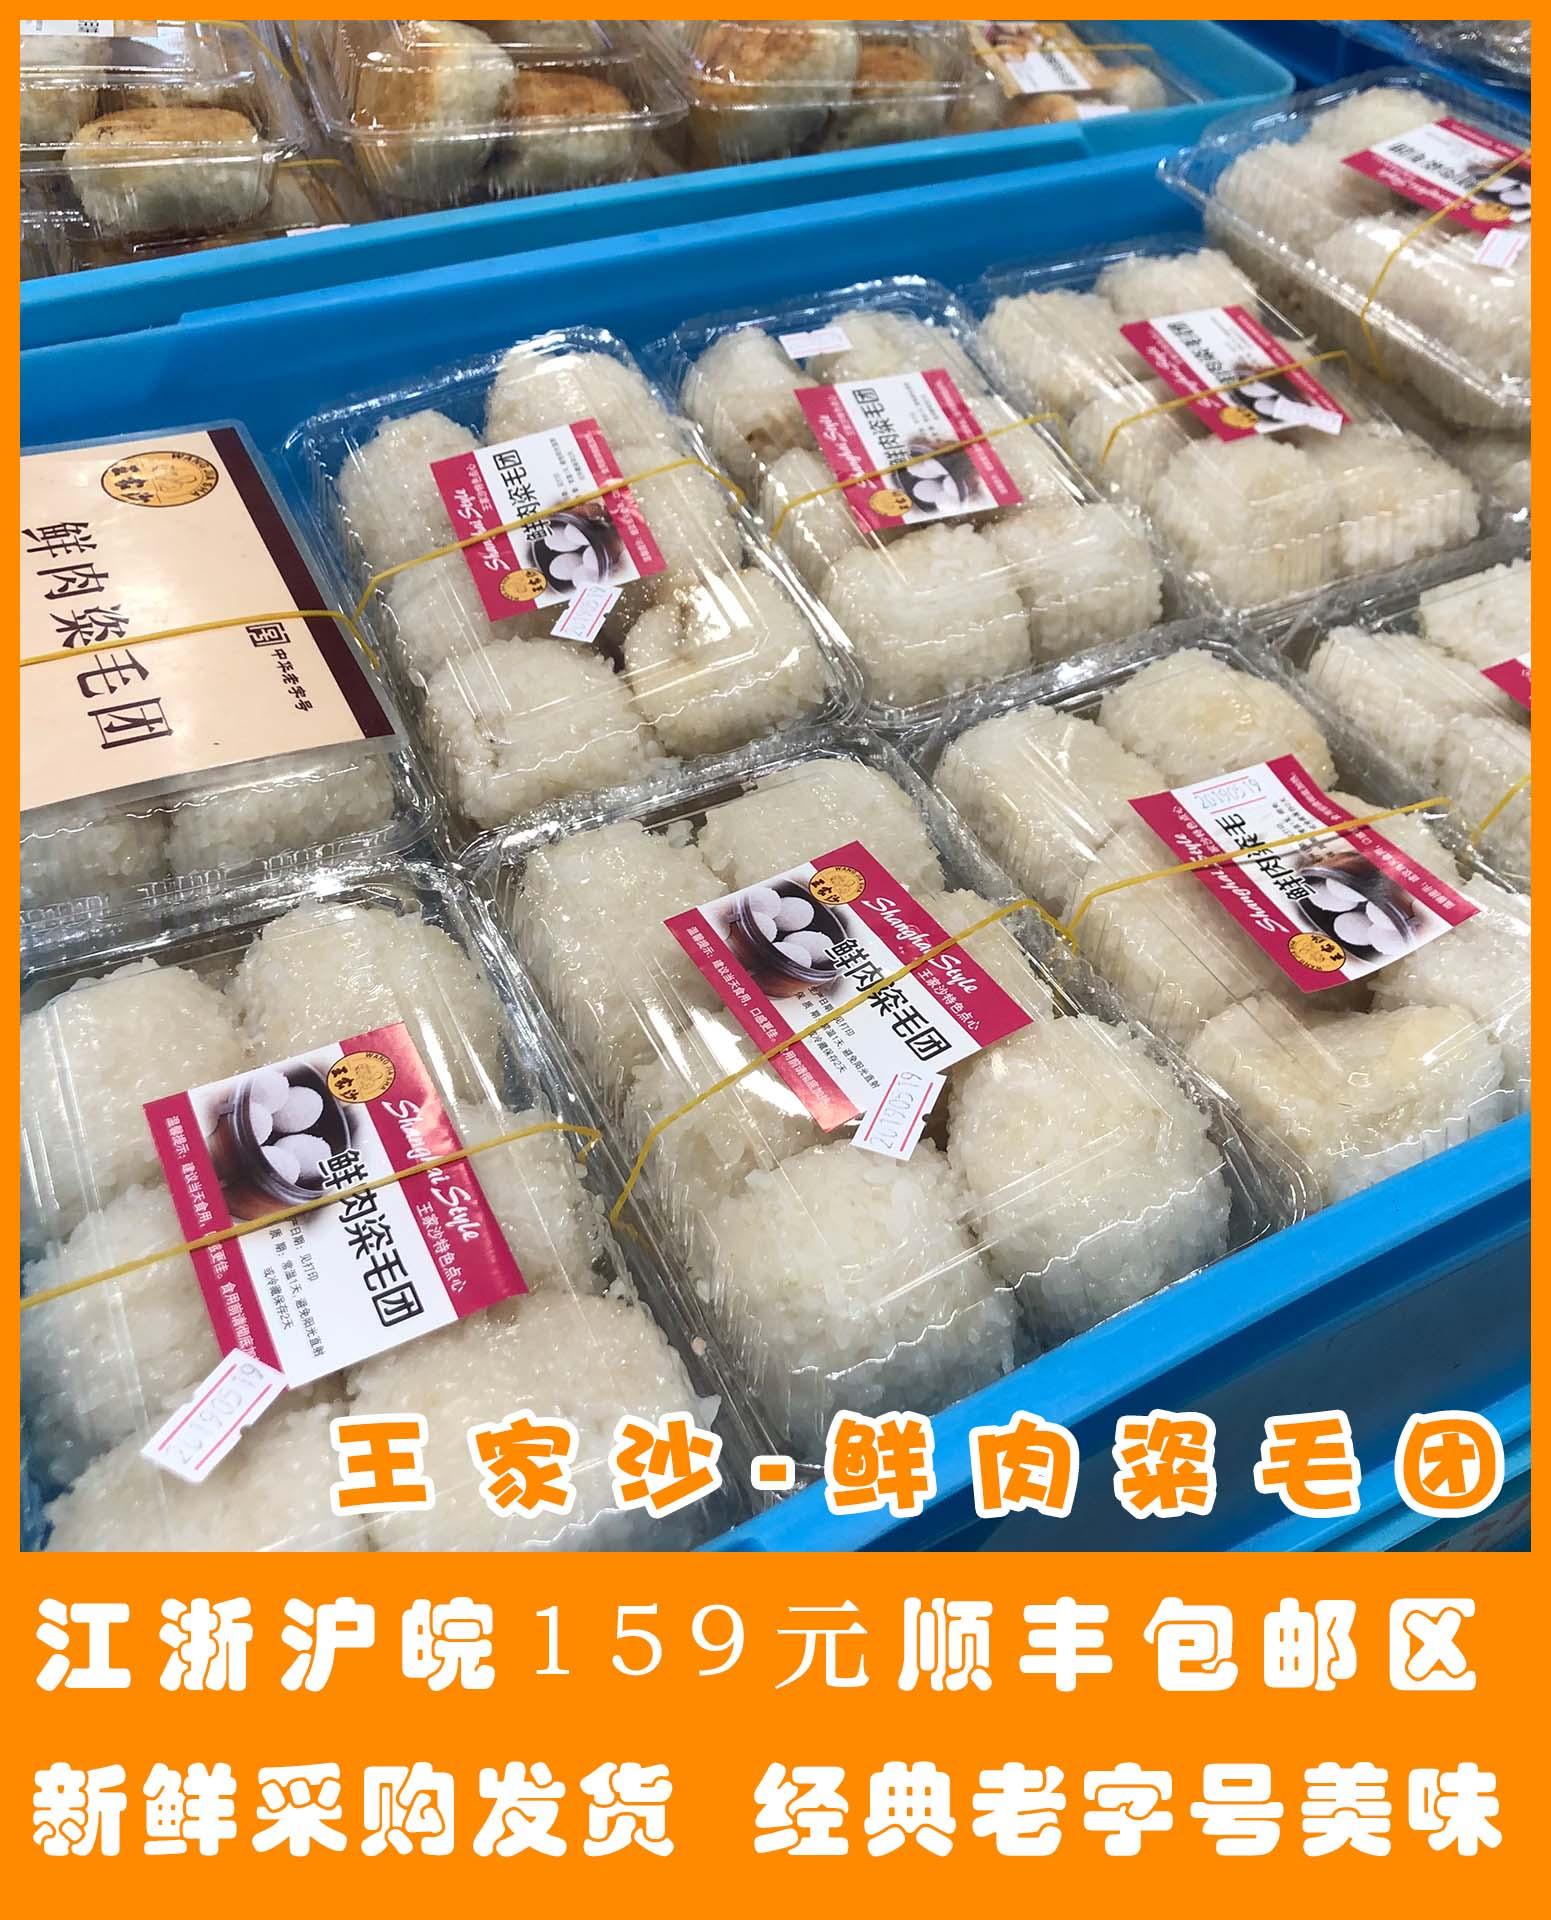 上海王家沙鲜肉粢毛团 6个装  新鲜代购 顺丰全国发货 159 包邮